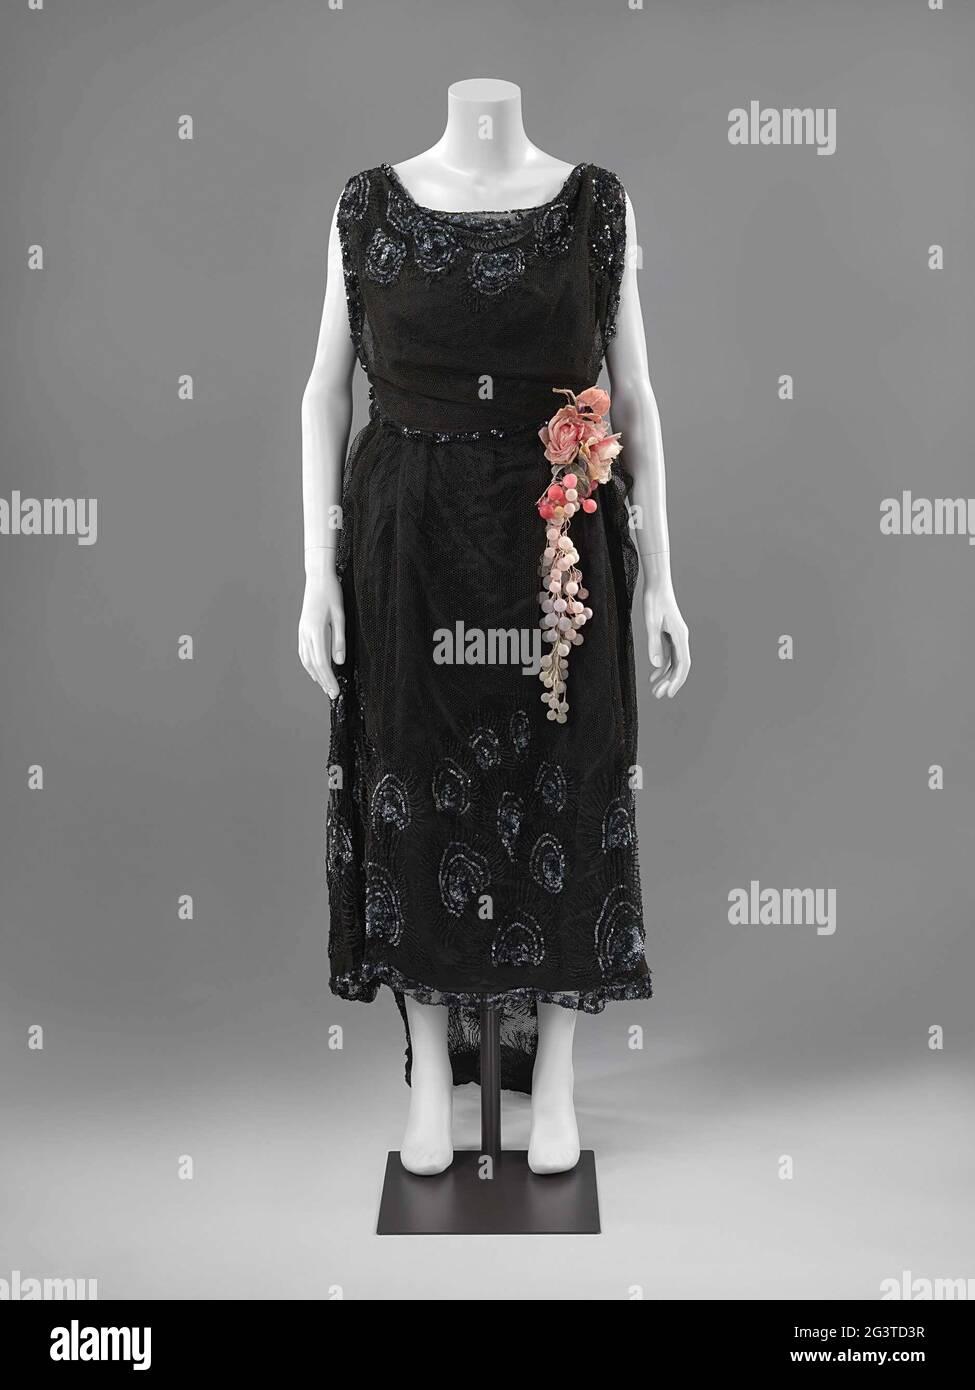 Schwarzes Kleid Mit Pailletten Stockfotos Und Bilder Kaufen Alamy